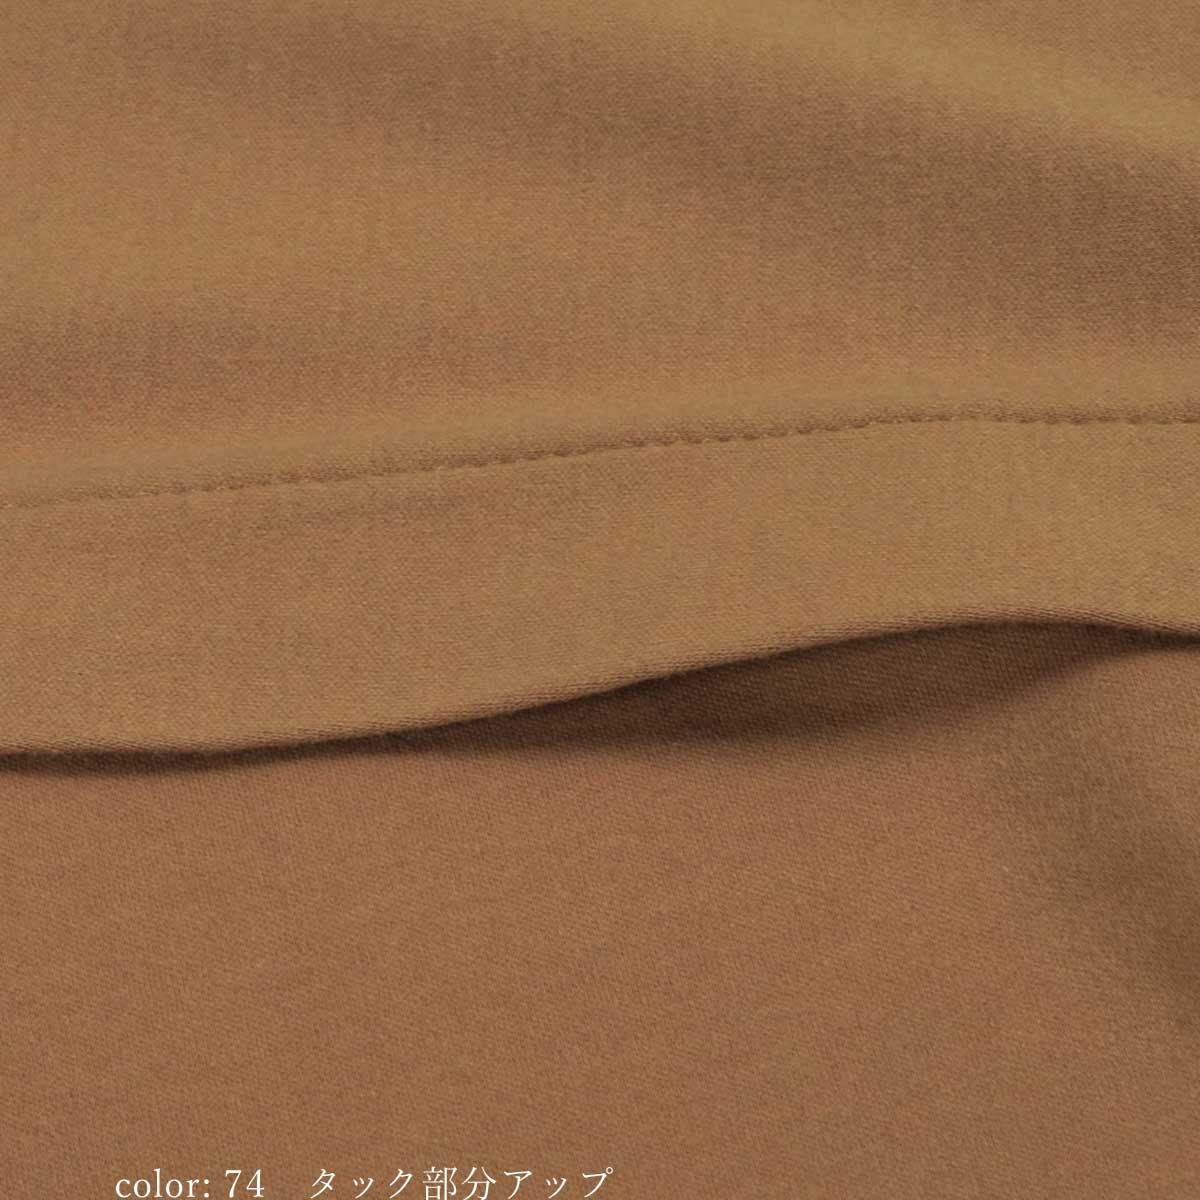 【SALE】ハイカウントタックプルオーバー GMT219